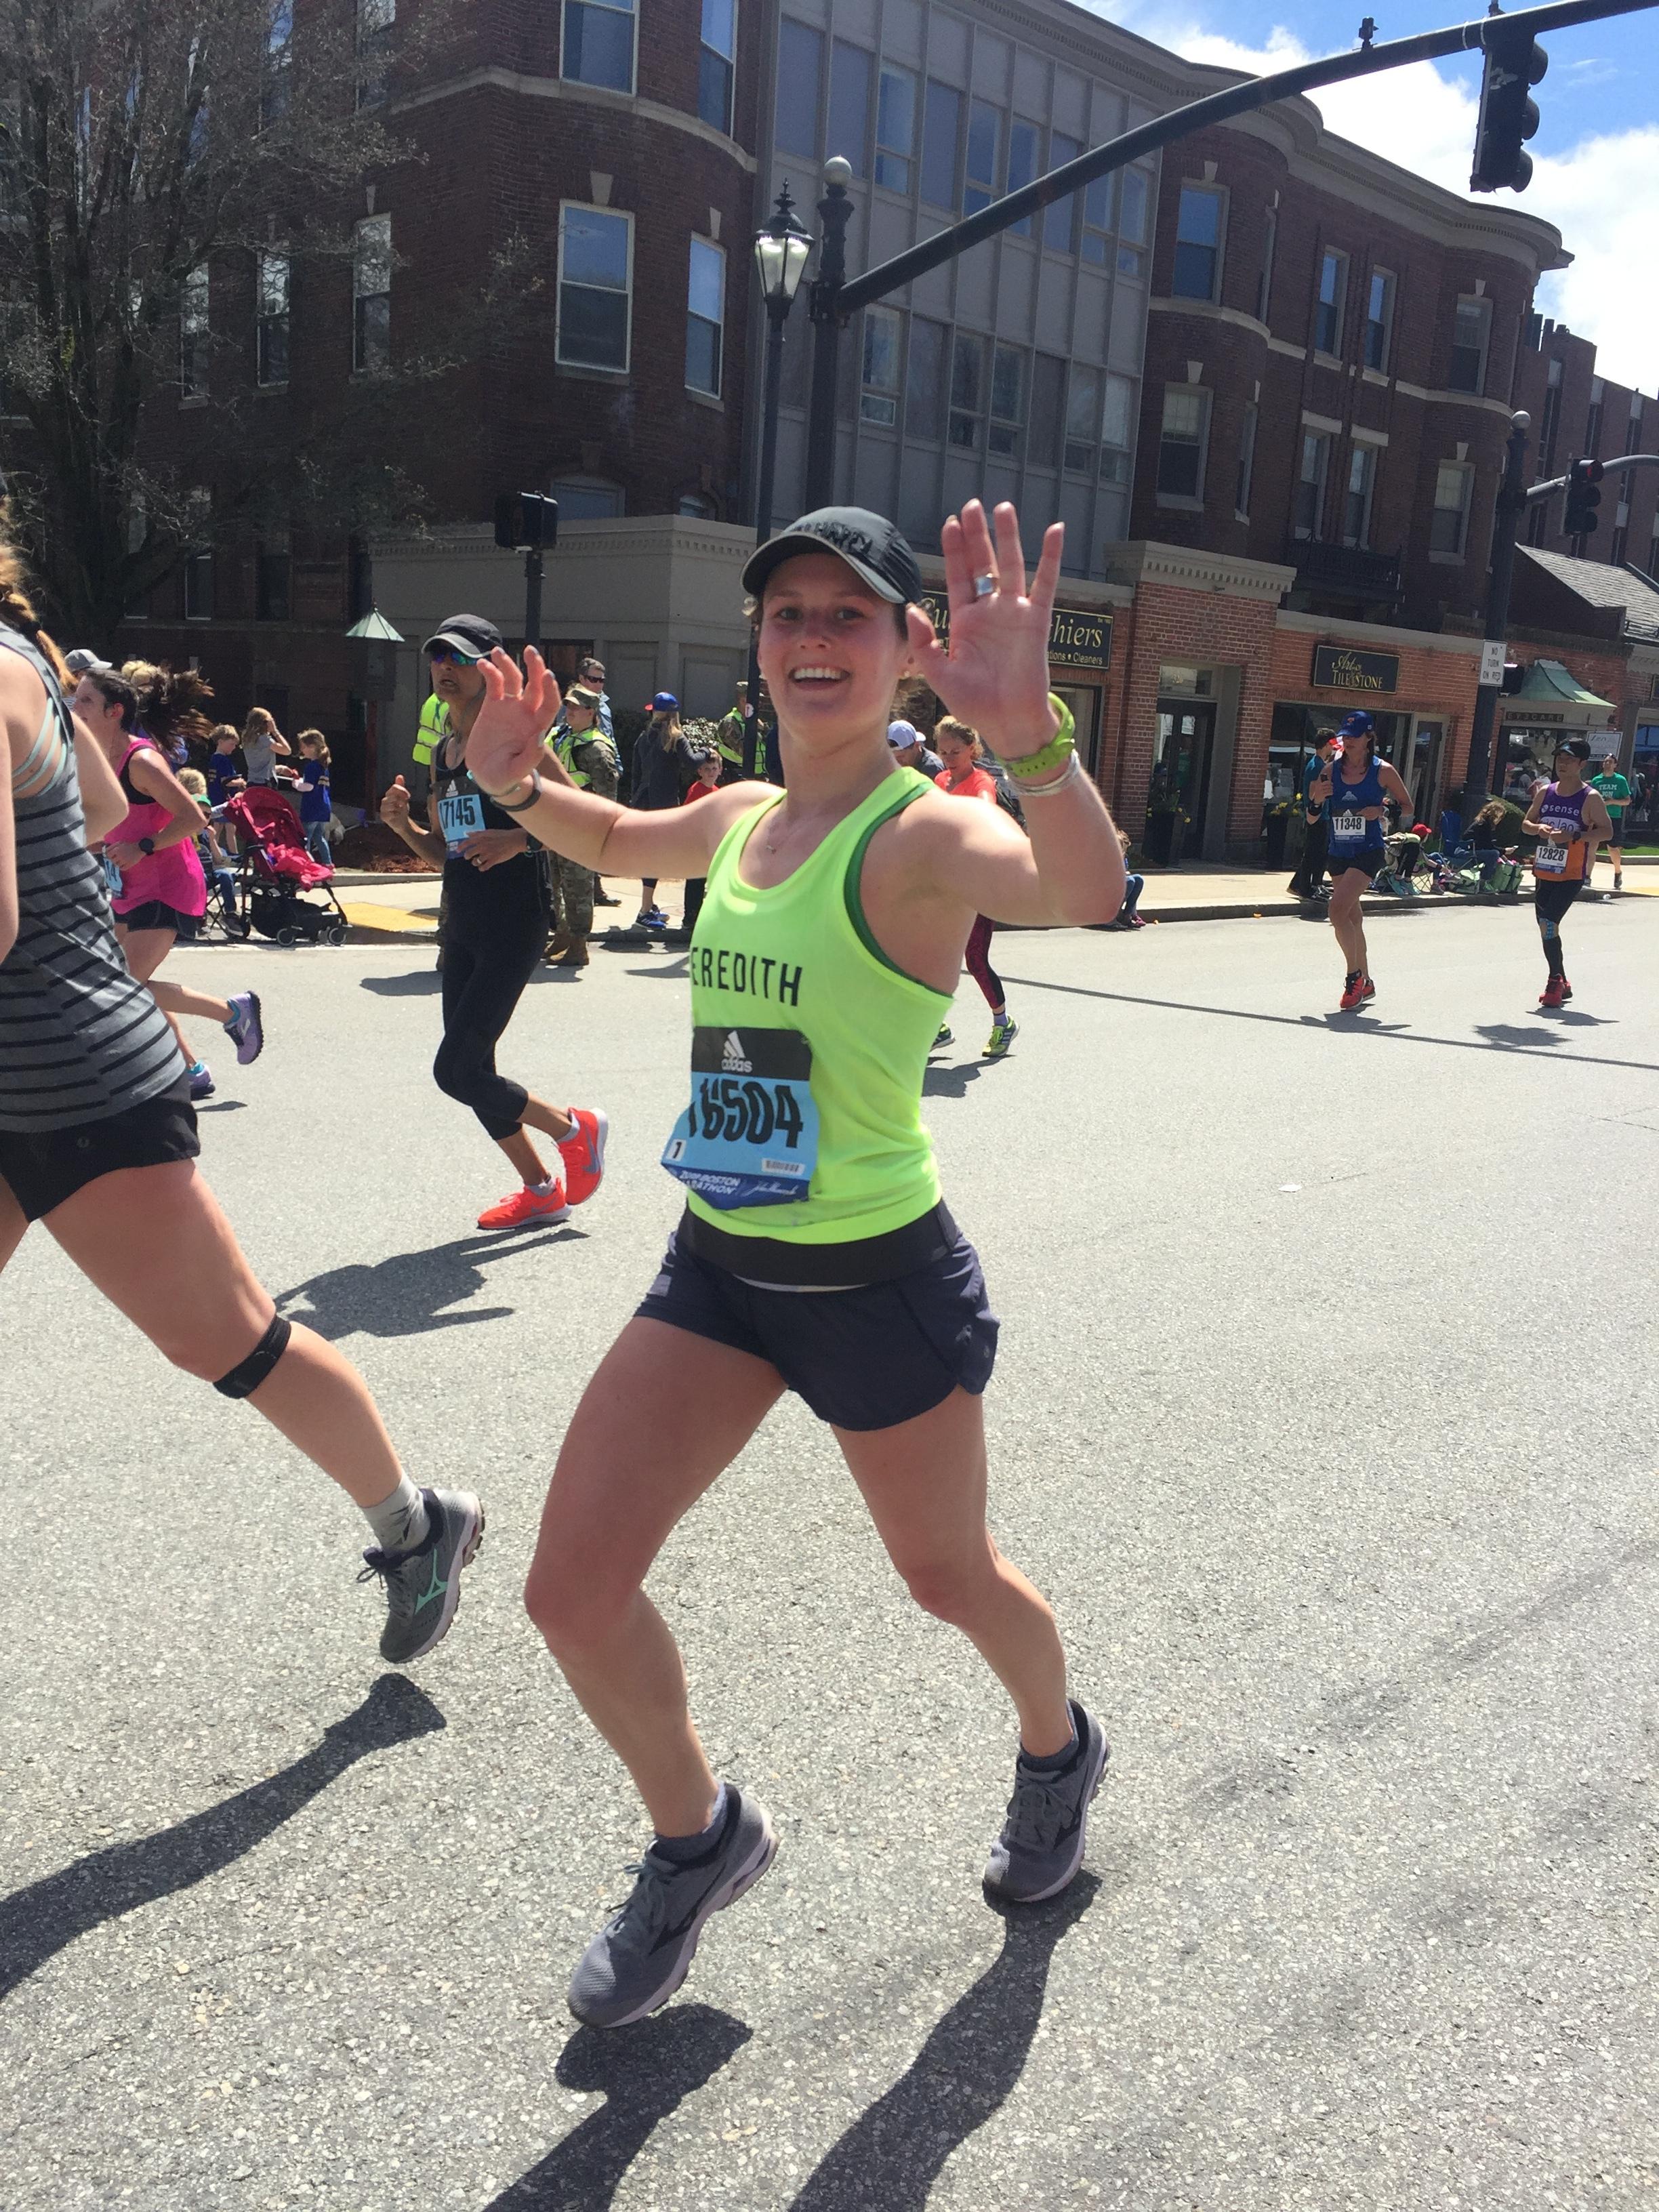 Boston Marathon 2019 - Boston qualifier and now Boston Marathon Finisher!